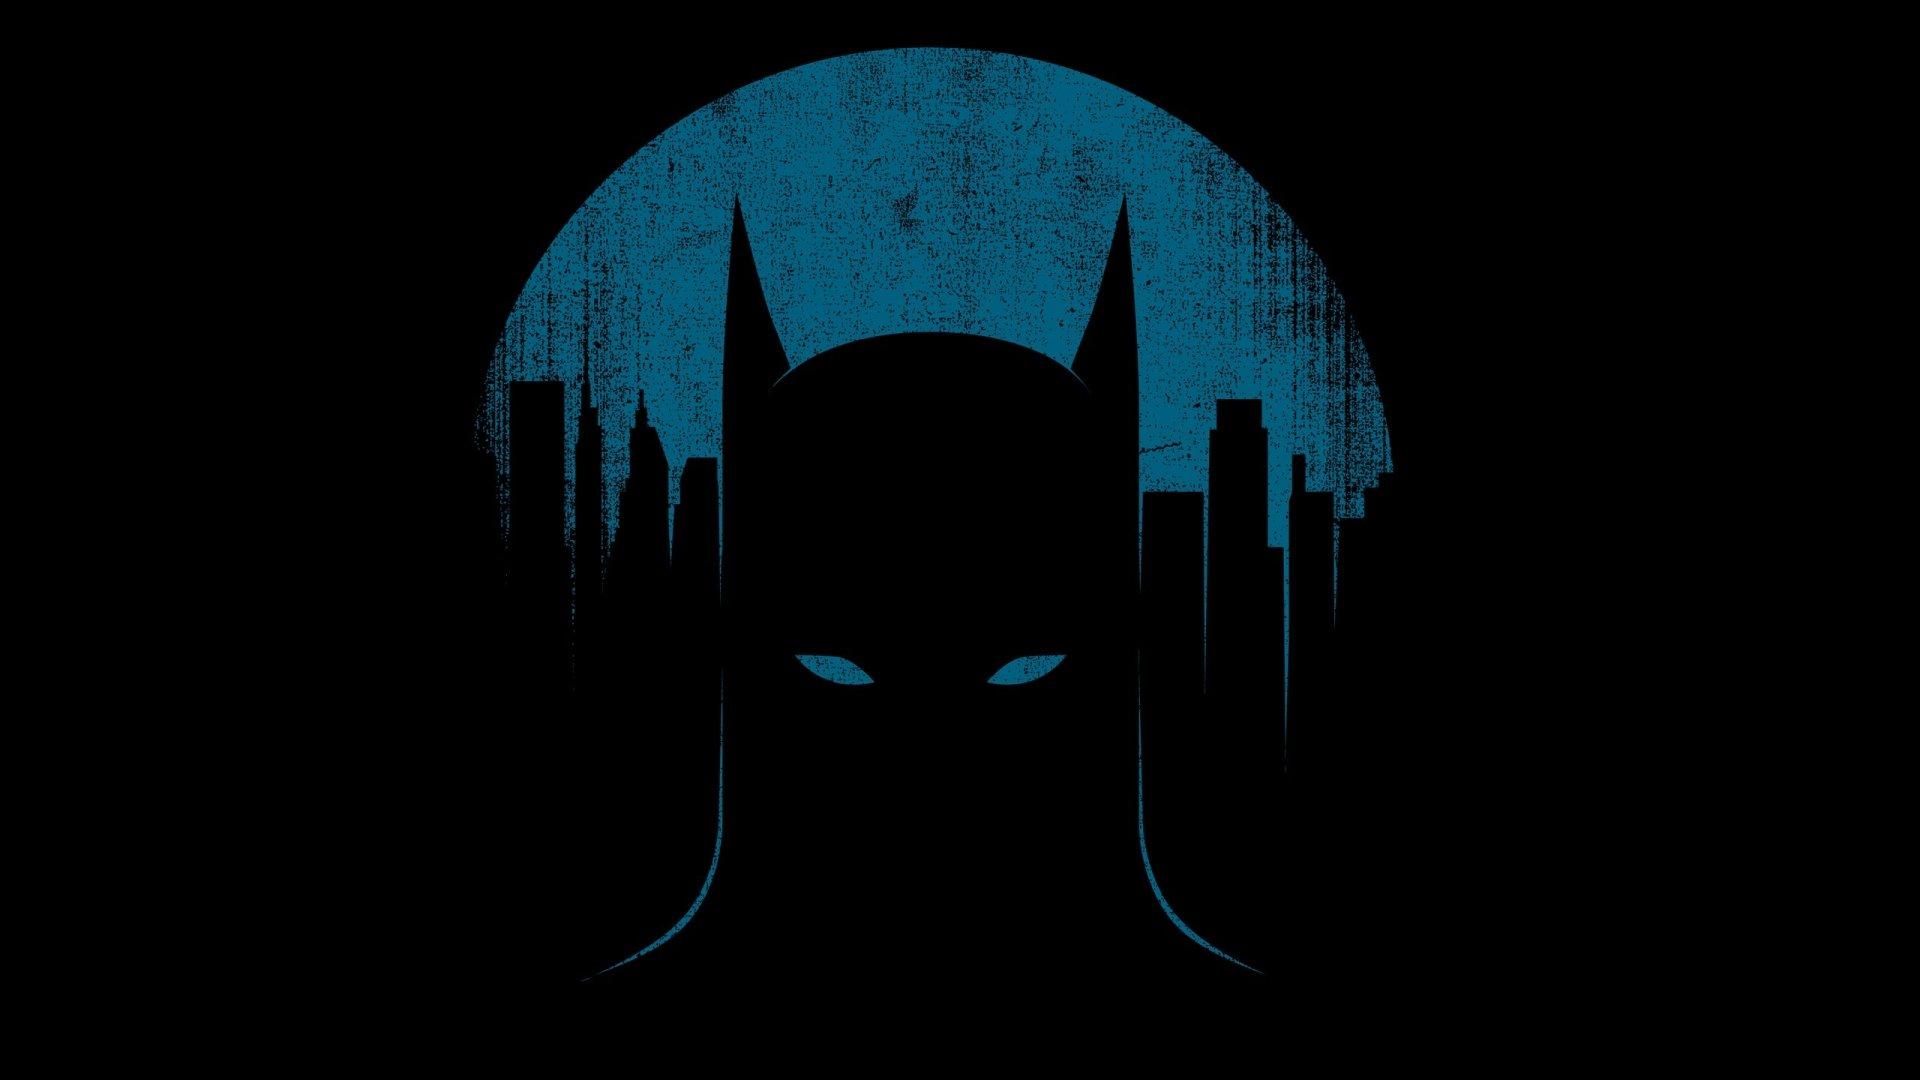 hd batman wallpapers, batman high resolution wallpaper